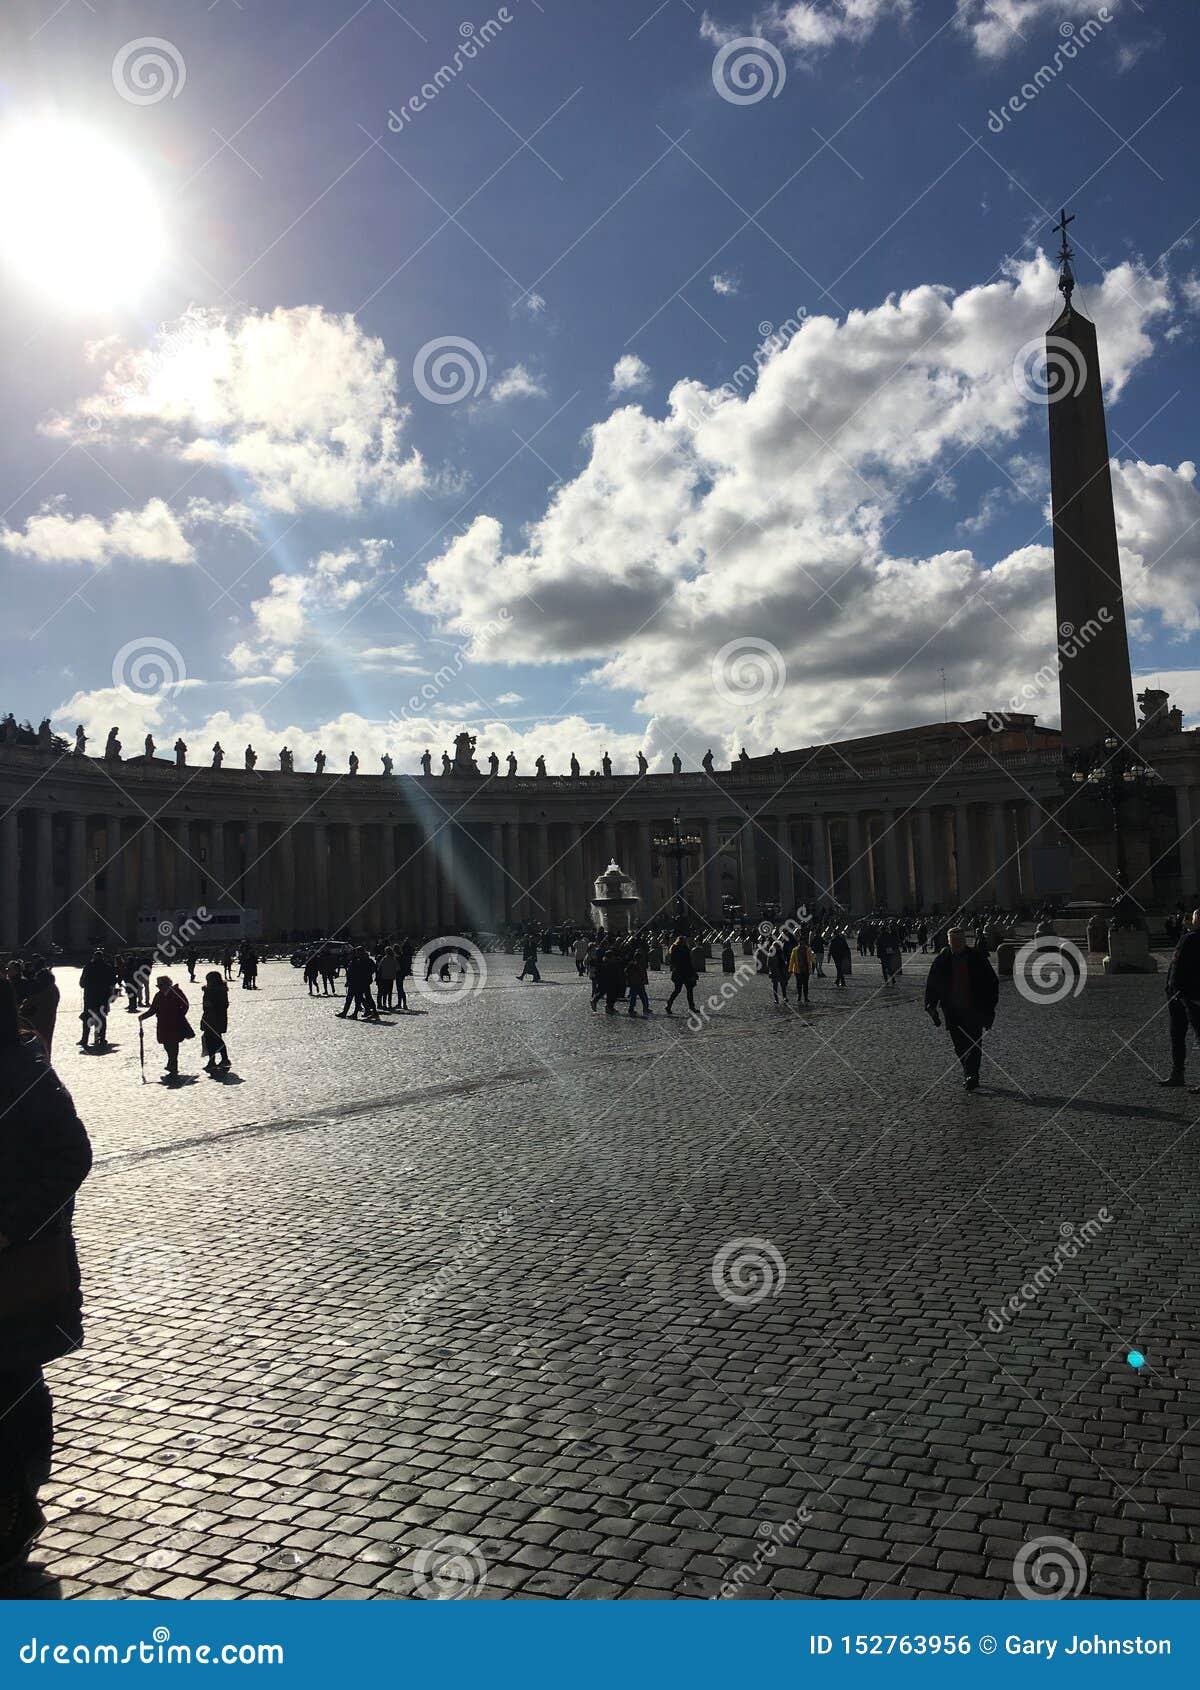 Big sky at the Vatican